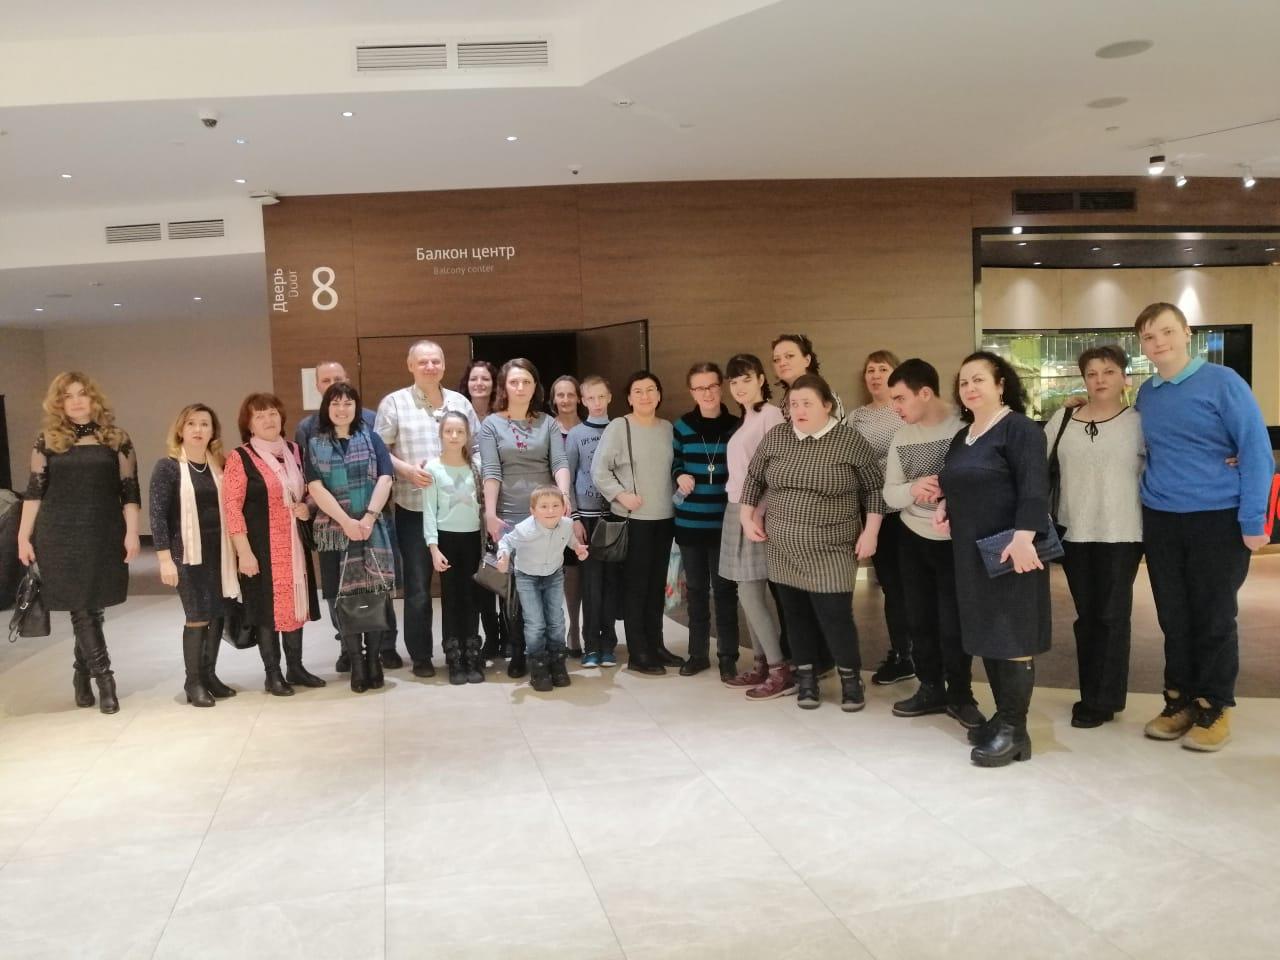 Родители АРДИП побывали 5 марта на благотворительном концерте Нины Грачевой в Vegas City Holl АРДИП